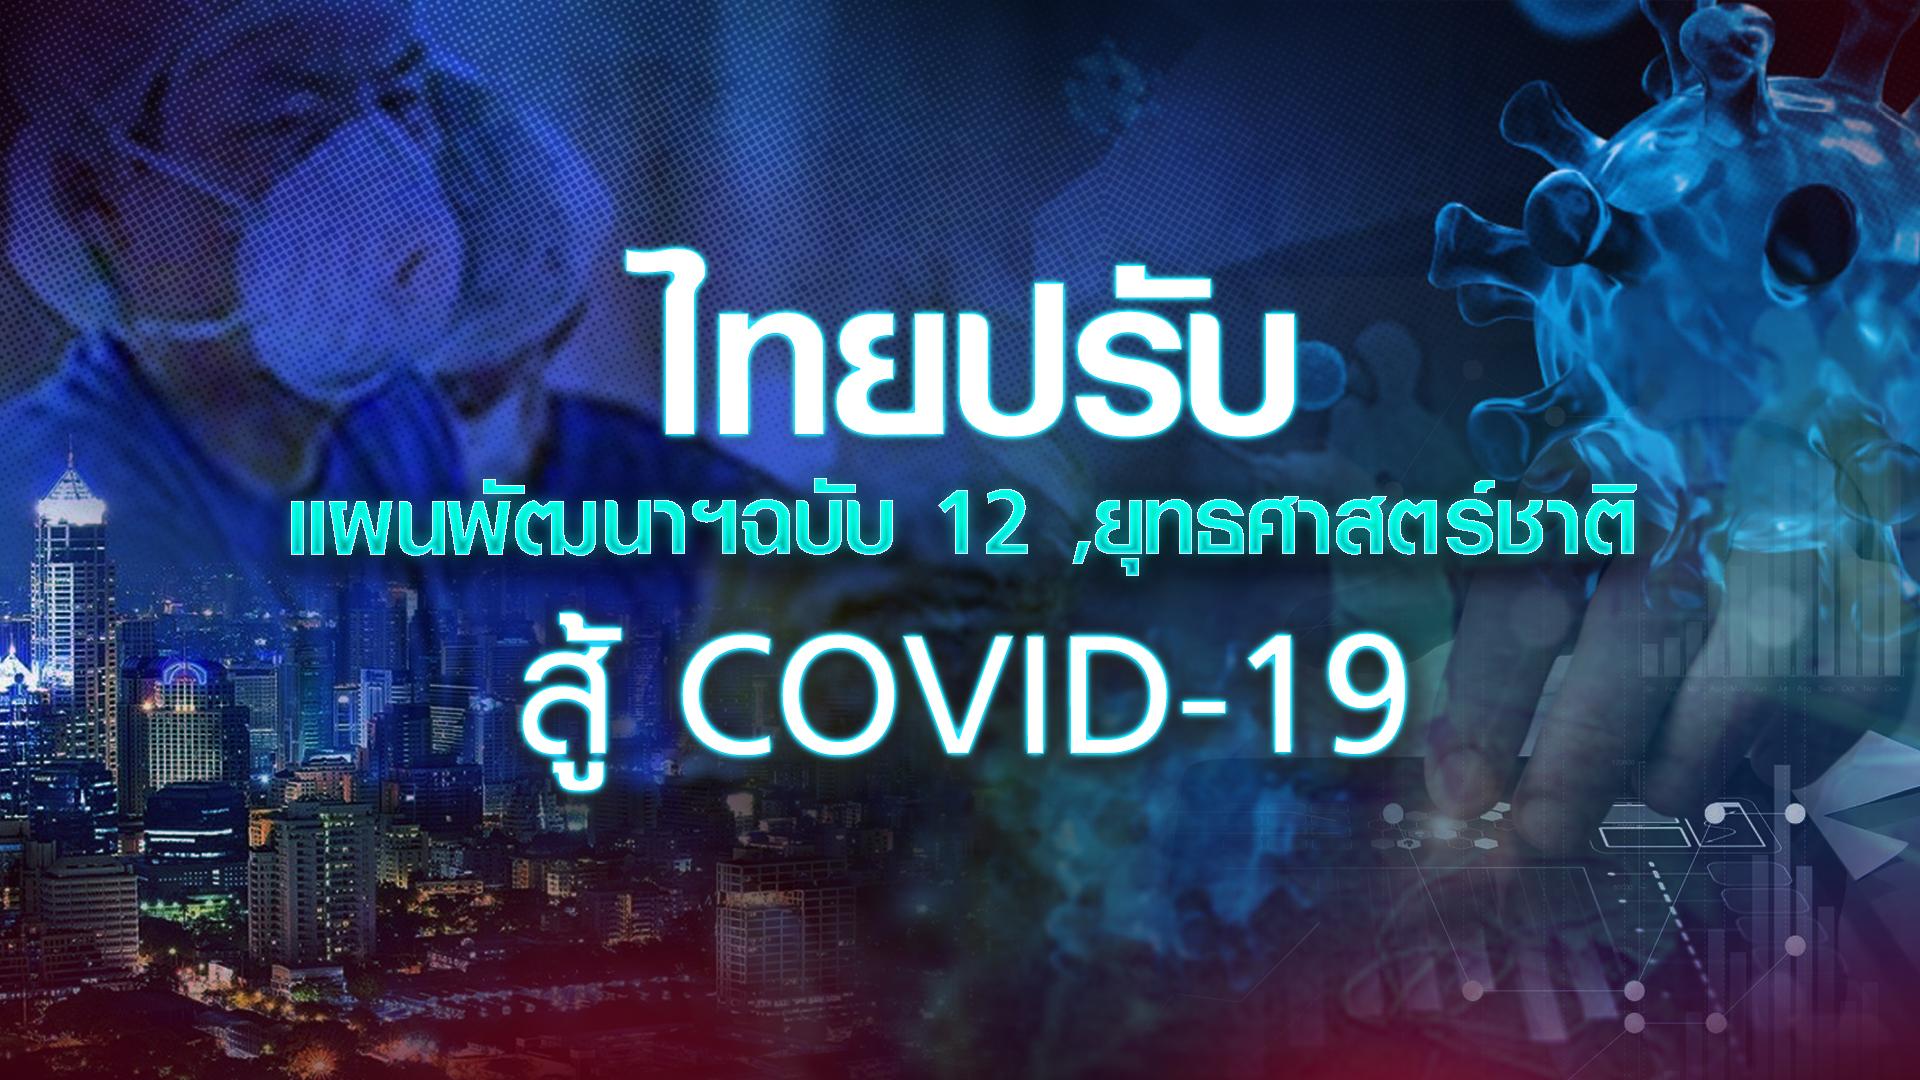 ไทยปรับแผนพัฒนาฯฉบับ 12 ,ยุทธศาสตร์ชาติ สู้ COVID-19